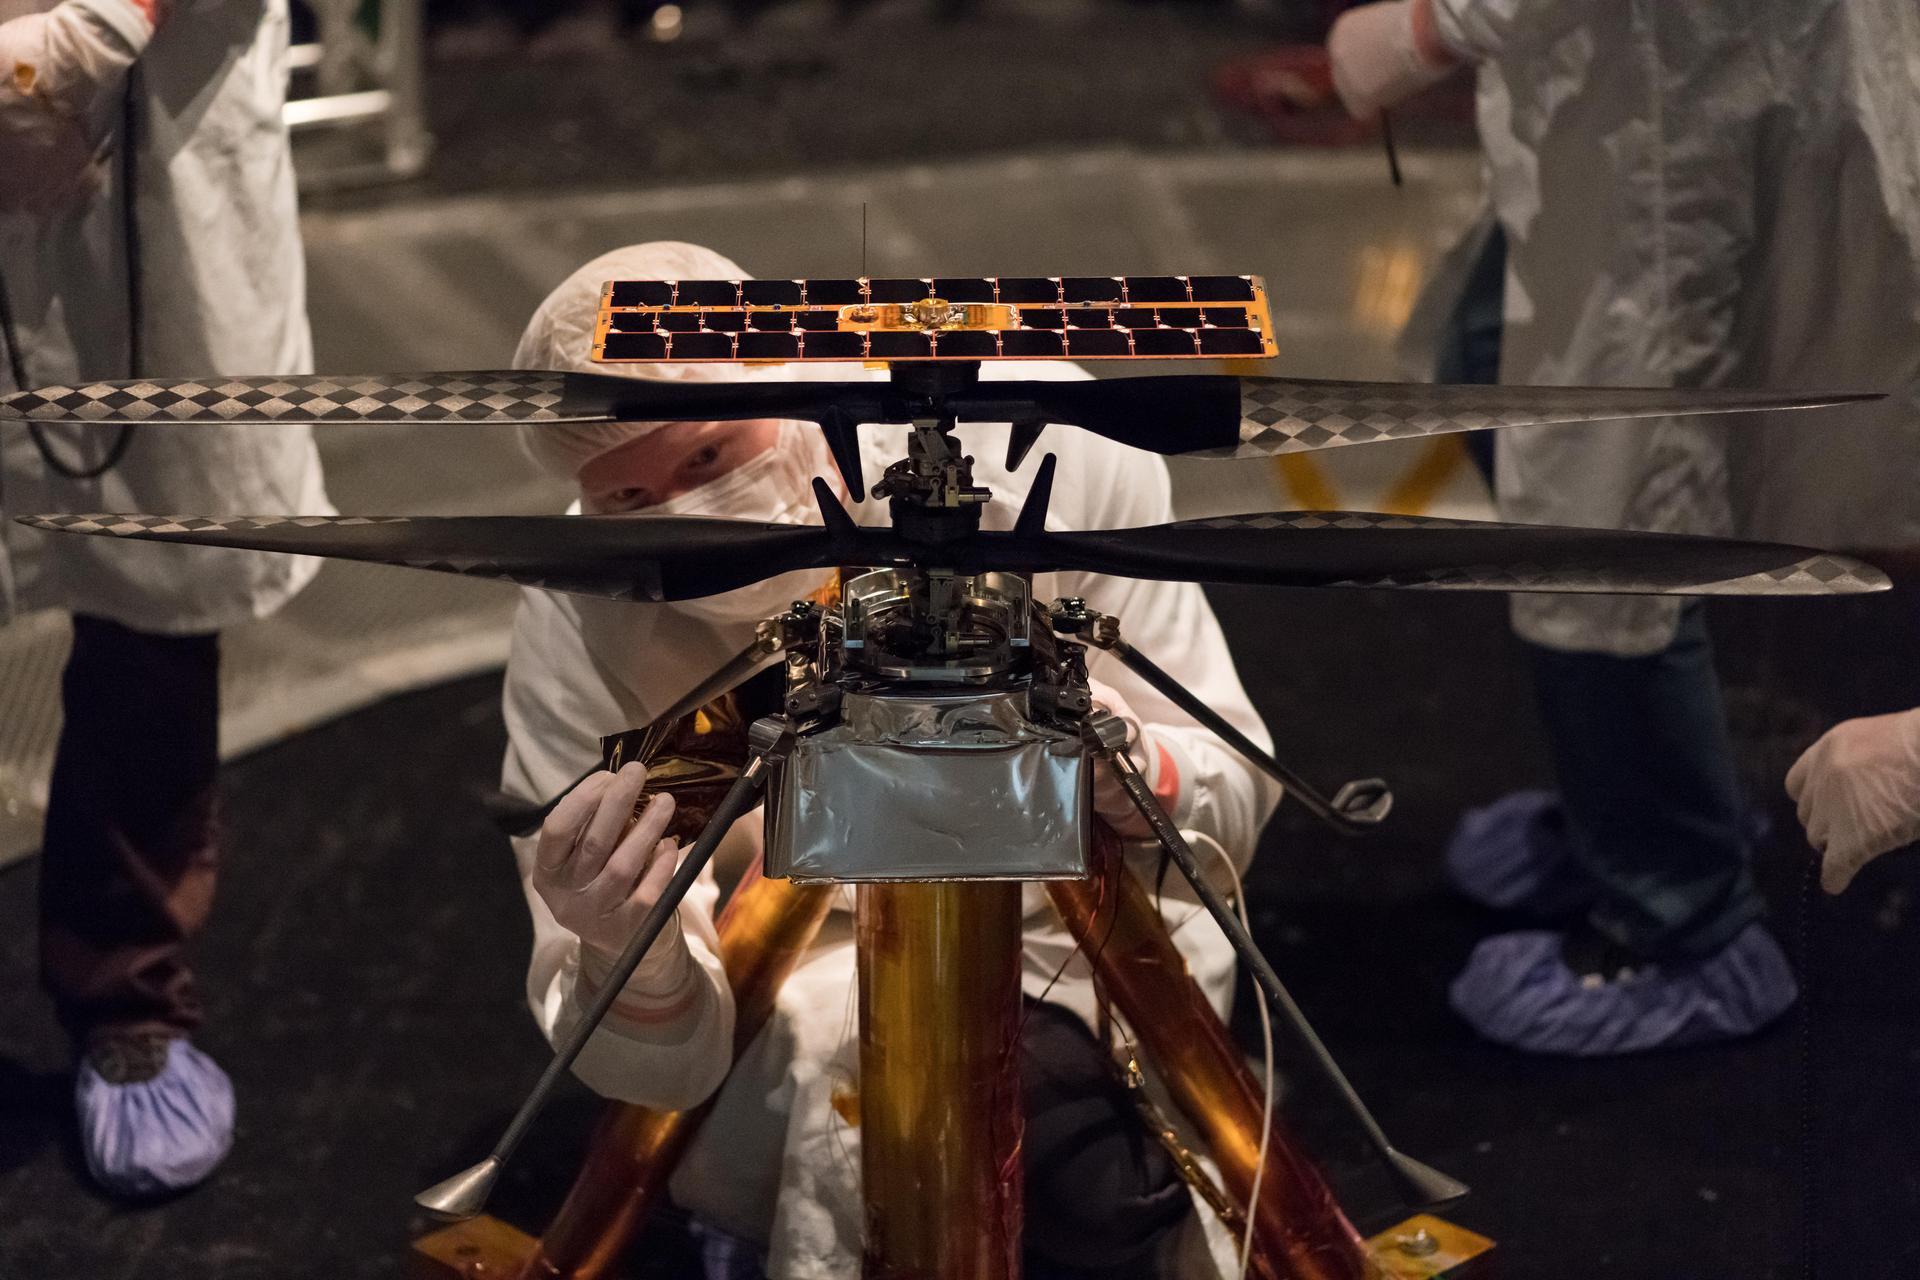 НАСА в марсолете Ingenuity используется открытое ПО и Linux